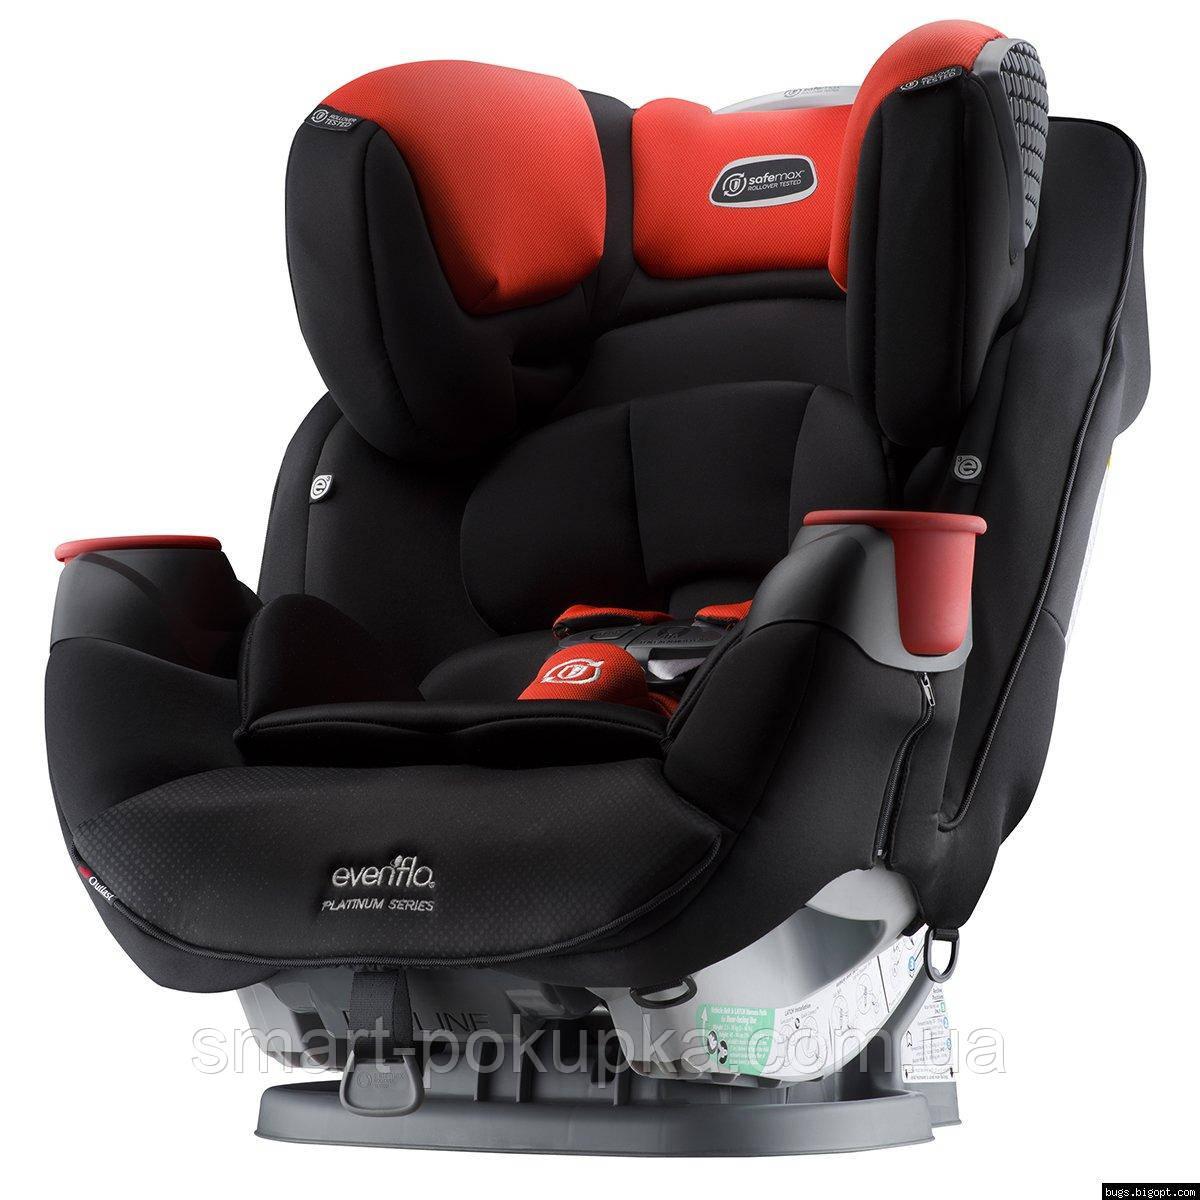 Детское автокресло Evenflo SafeMax Platinum цвет - Mason (группа от 2,2 до 49,8 кг)